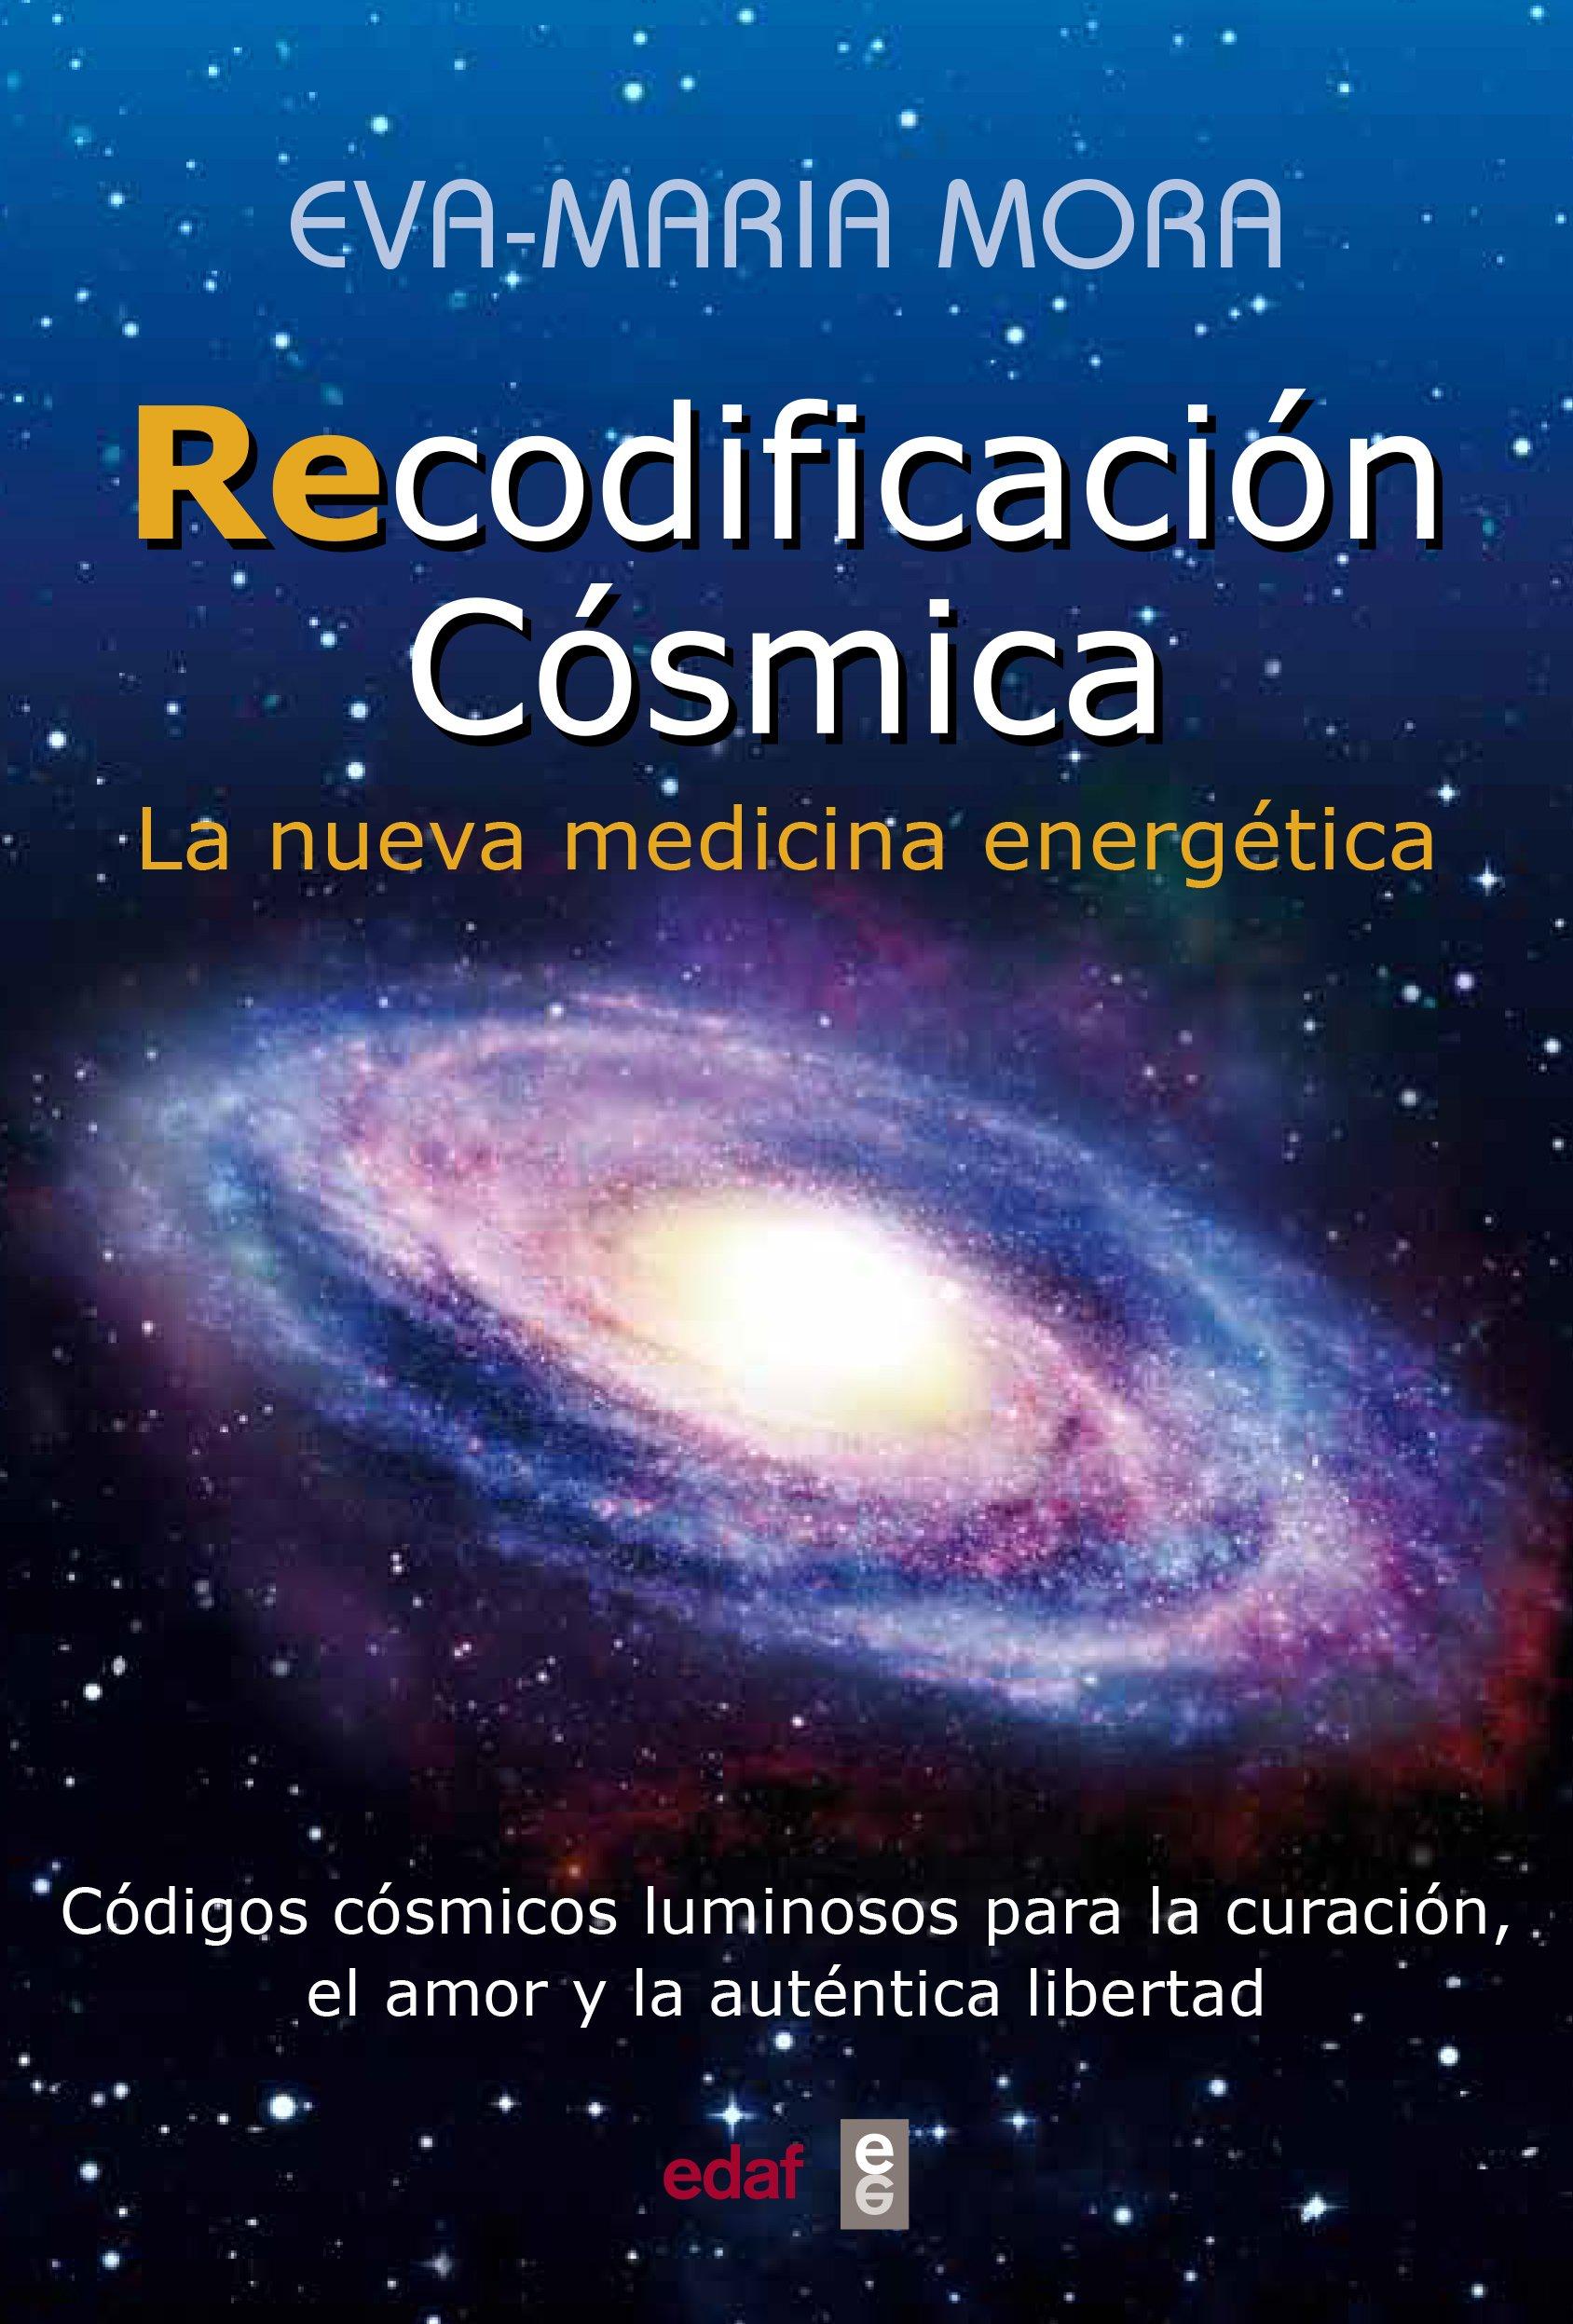 Recodificación cósmica (Tabla de esmeralda)